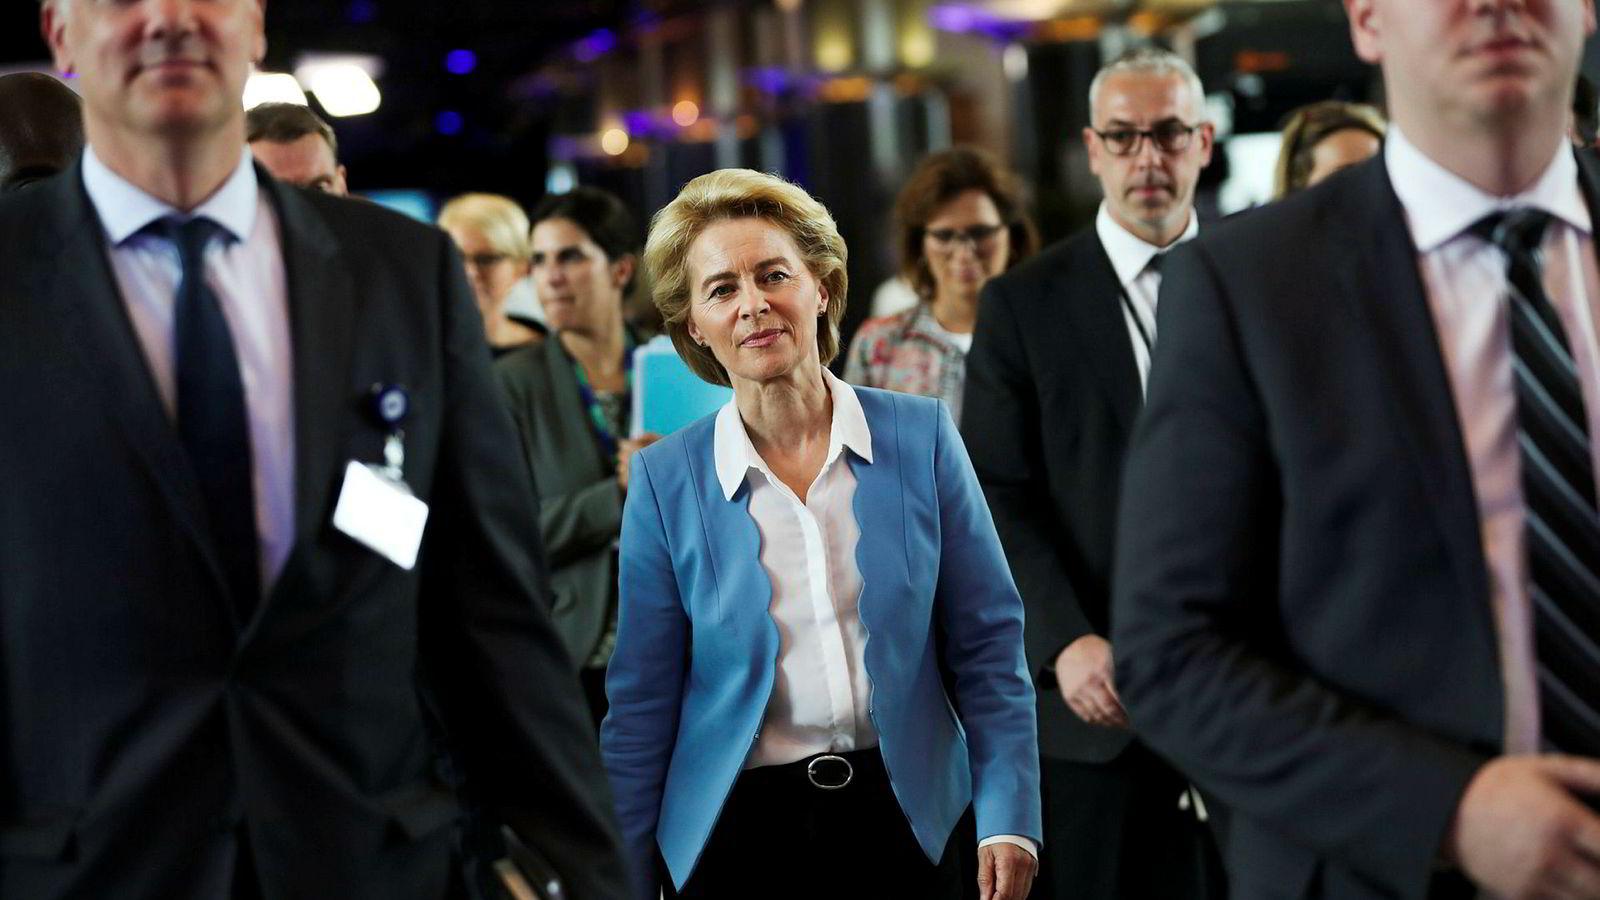 Ursula von der Leyen (60) blir ny kommisjonsleder. Hun er politisk handlekraftig og erklært føderalist.